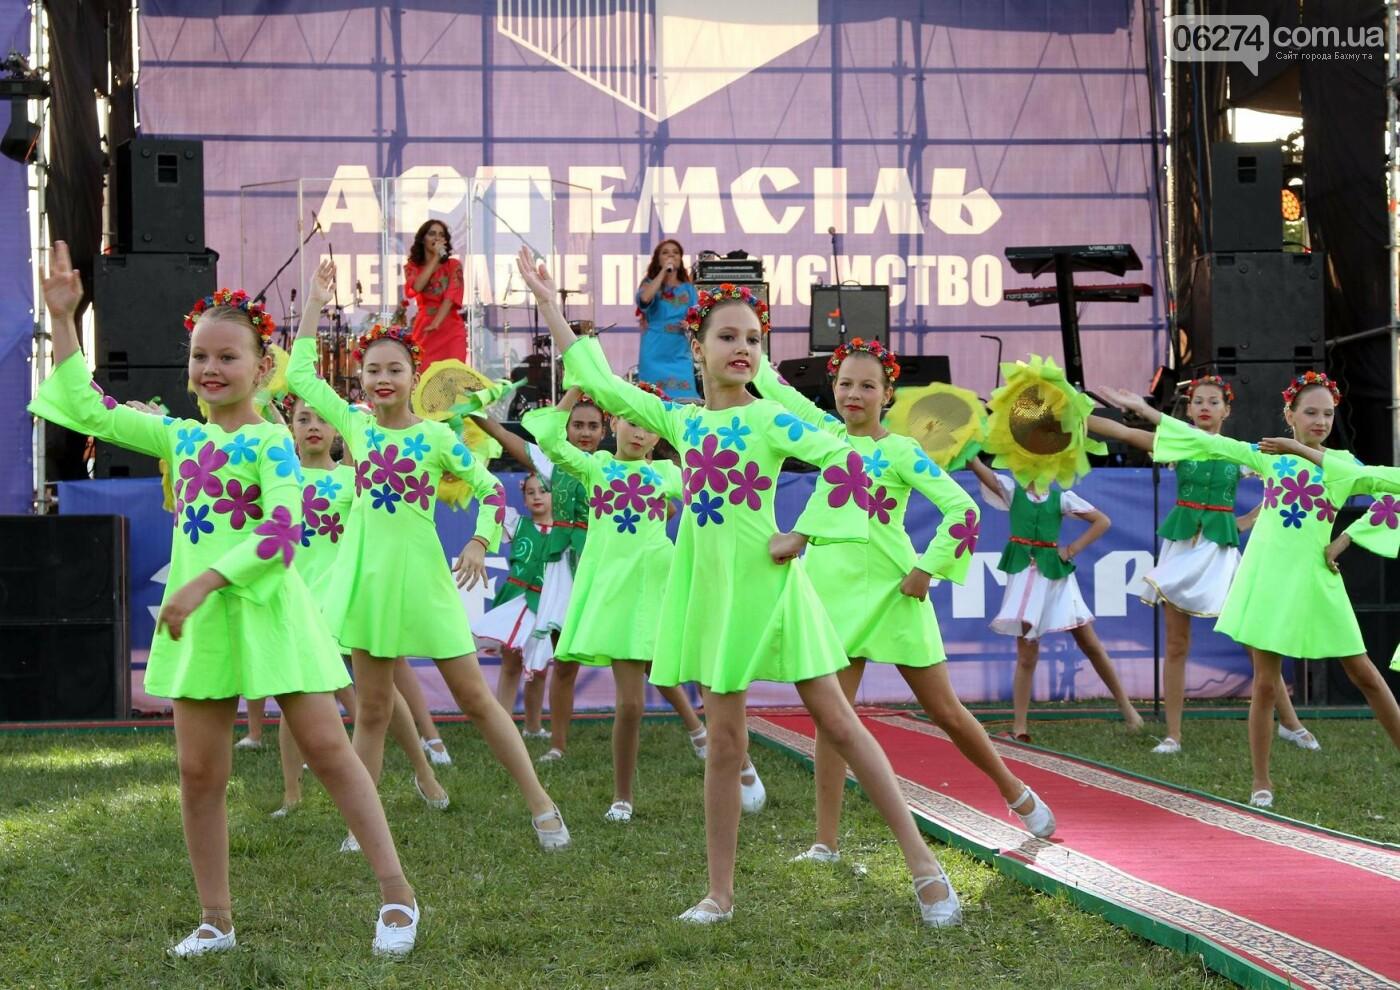 ГП «Артемсоль» с Днем шахтера поздравили звезды украинской эстрады, фото-11